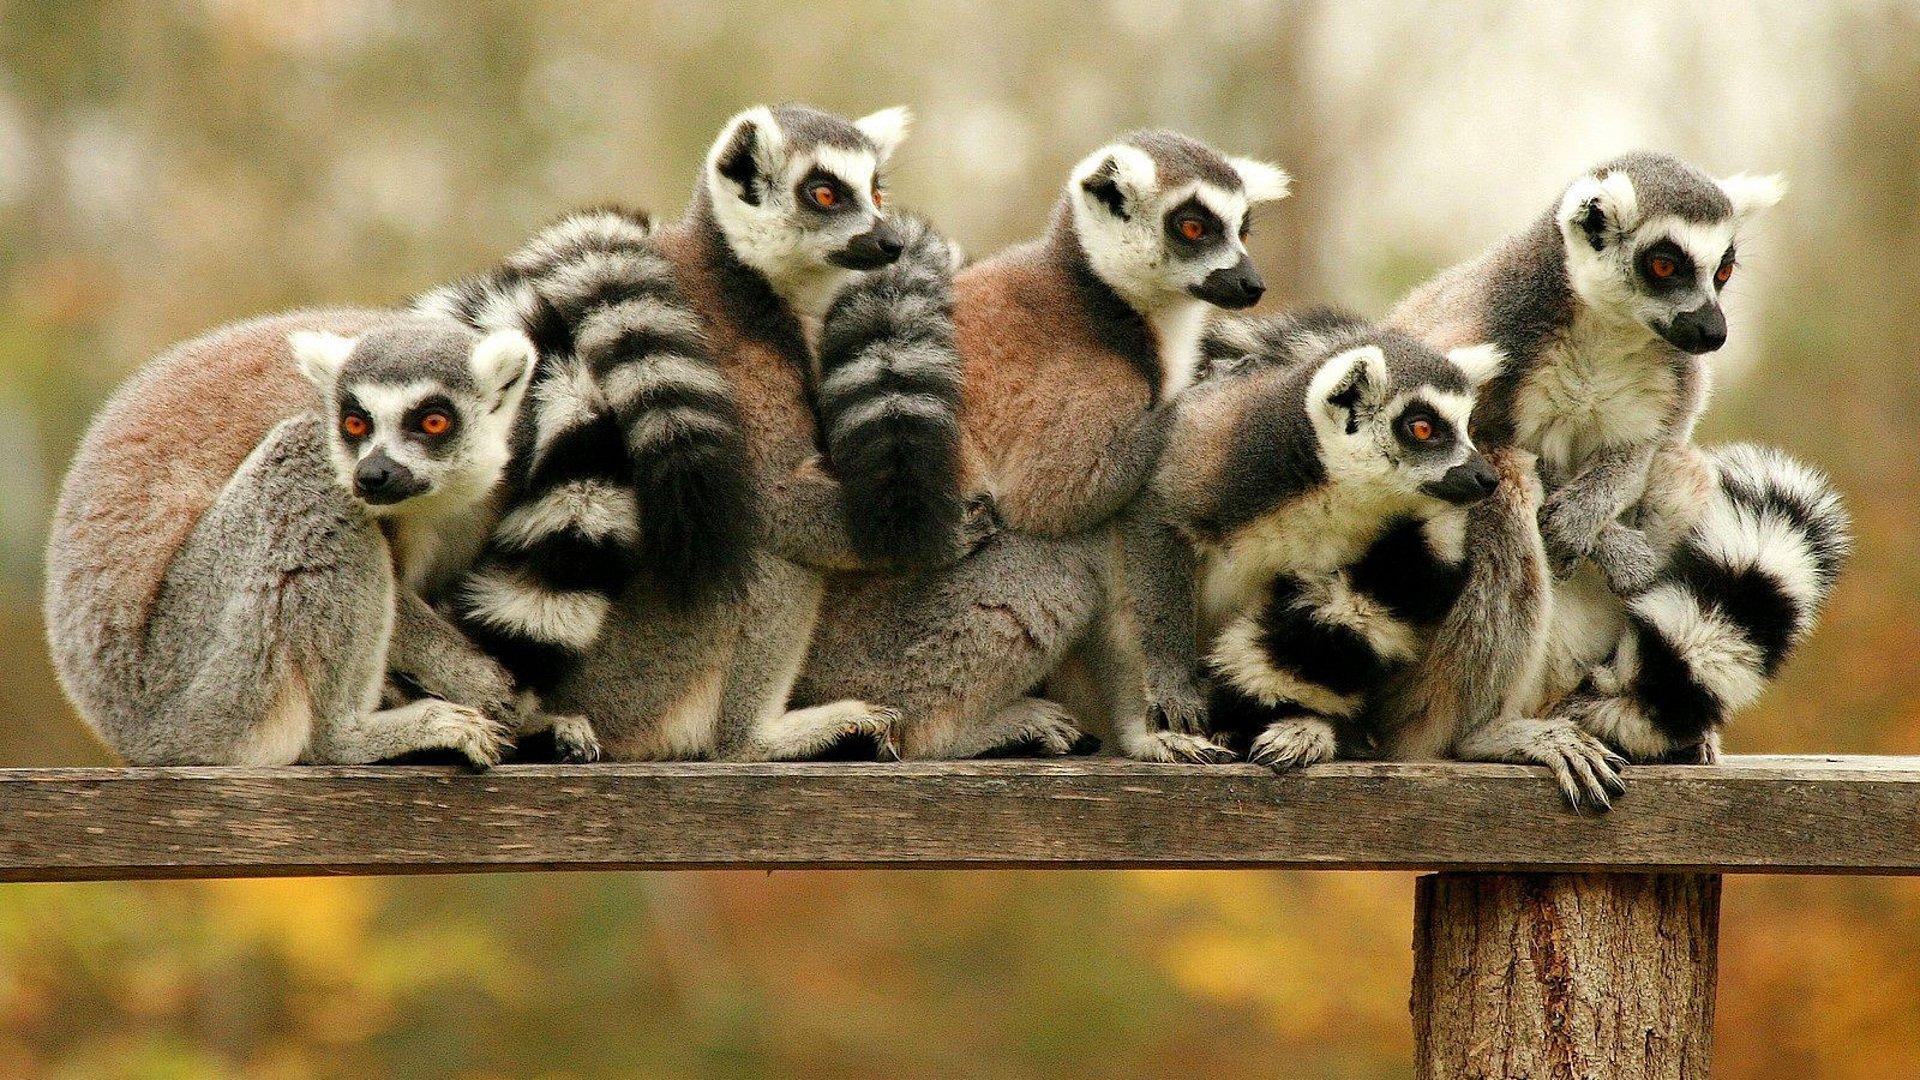 Lemur full hd wallpaper